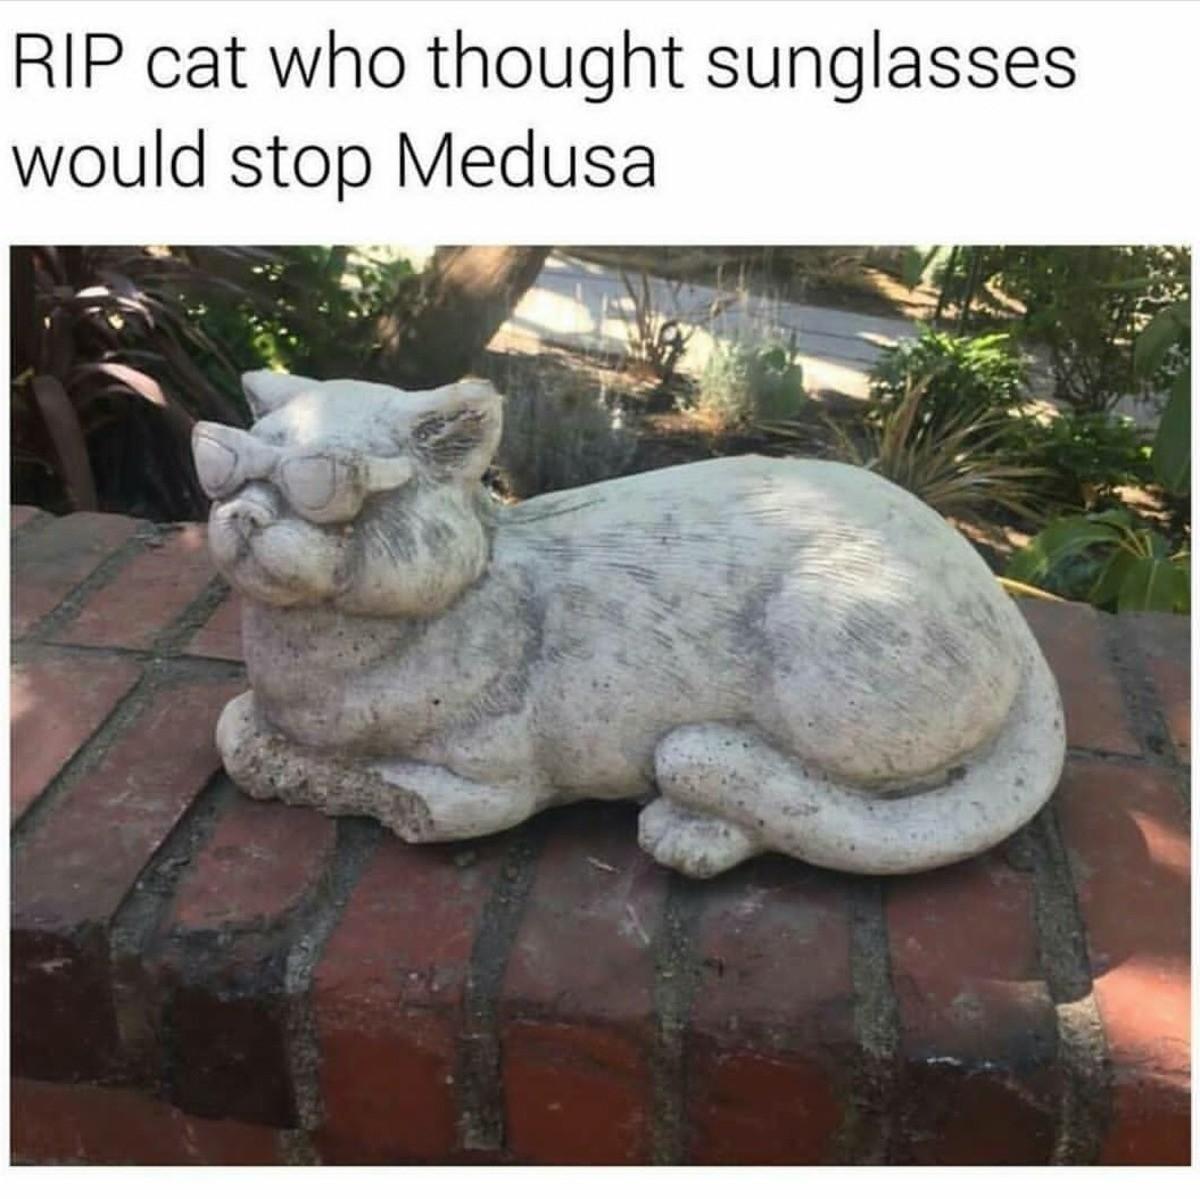 Cat. ЈЕл ДРМА а ? ПА ТО ЈЕ ДОМАЋА МАЈКУ ЛИ ТИ ЈЕБЕМ ДА ТИ ЈЕБЕМ.. Go away, Medusa. I'm drinking water. cat